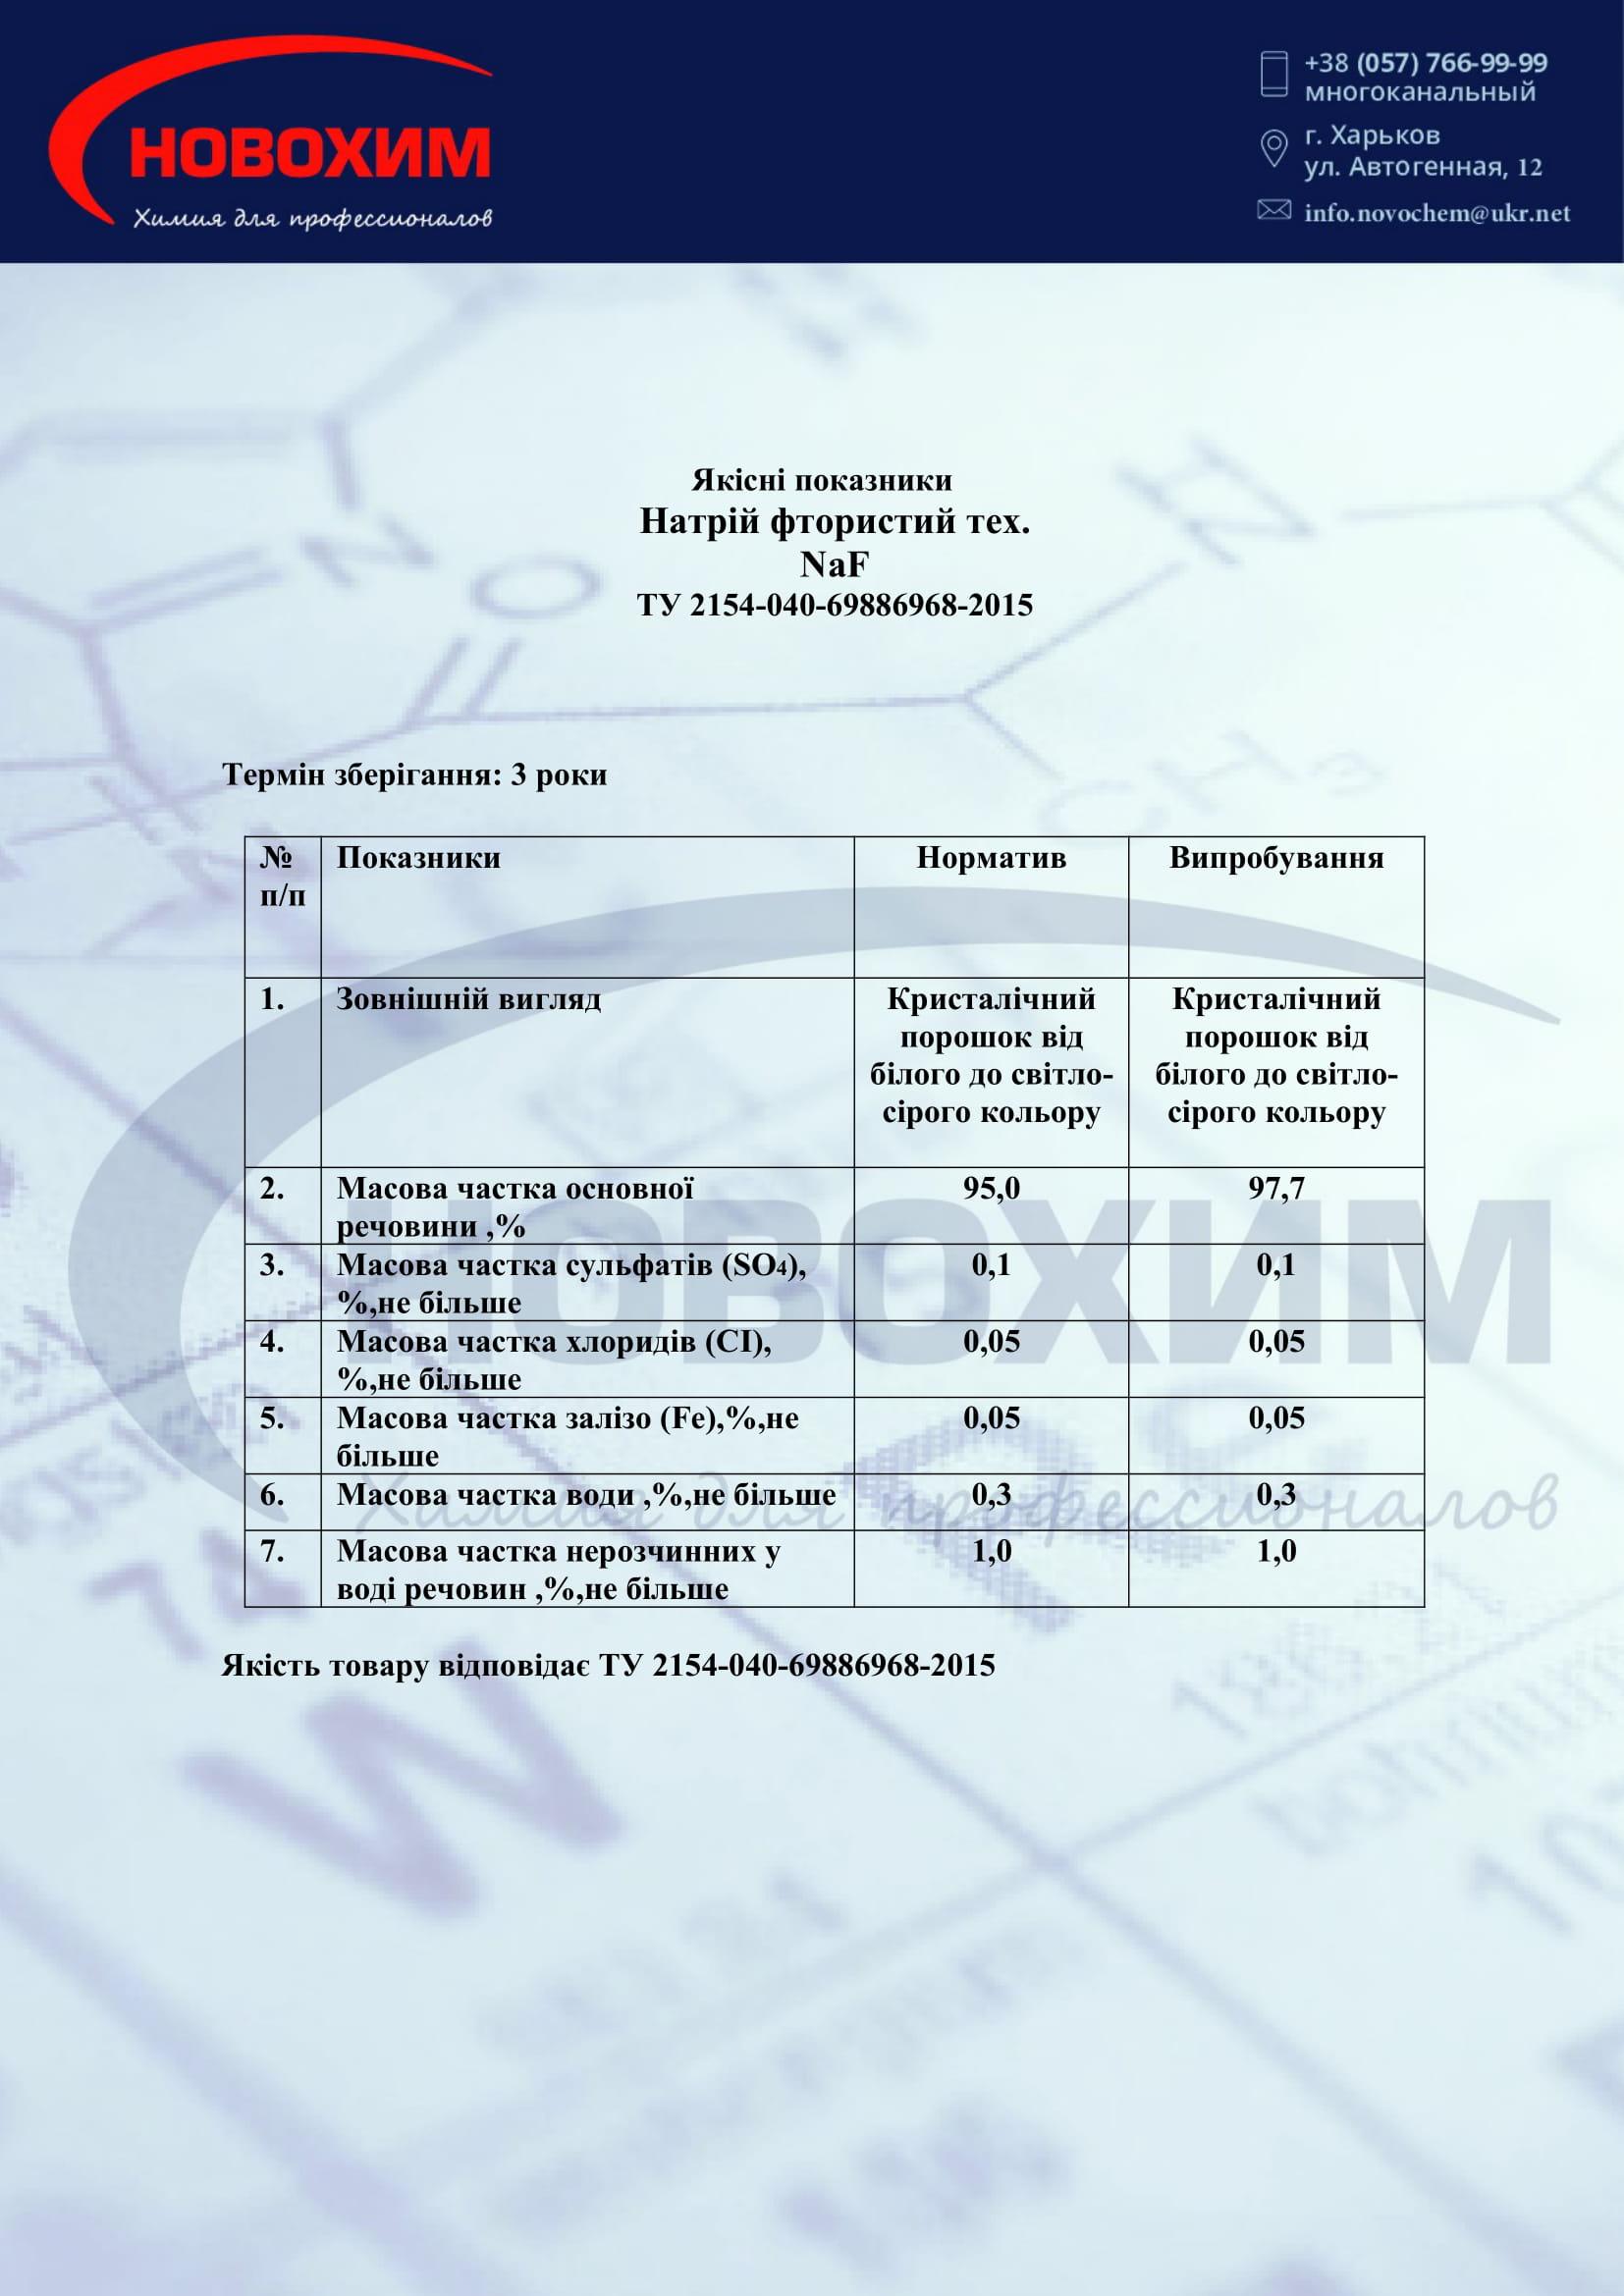 Фото сертификат натрий фтористый